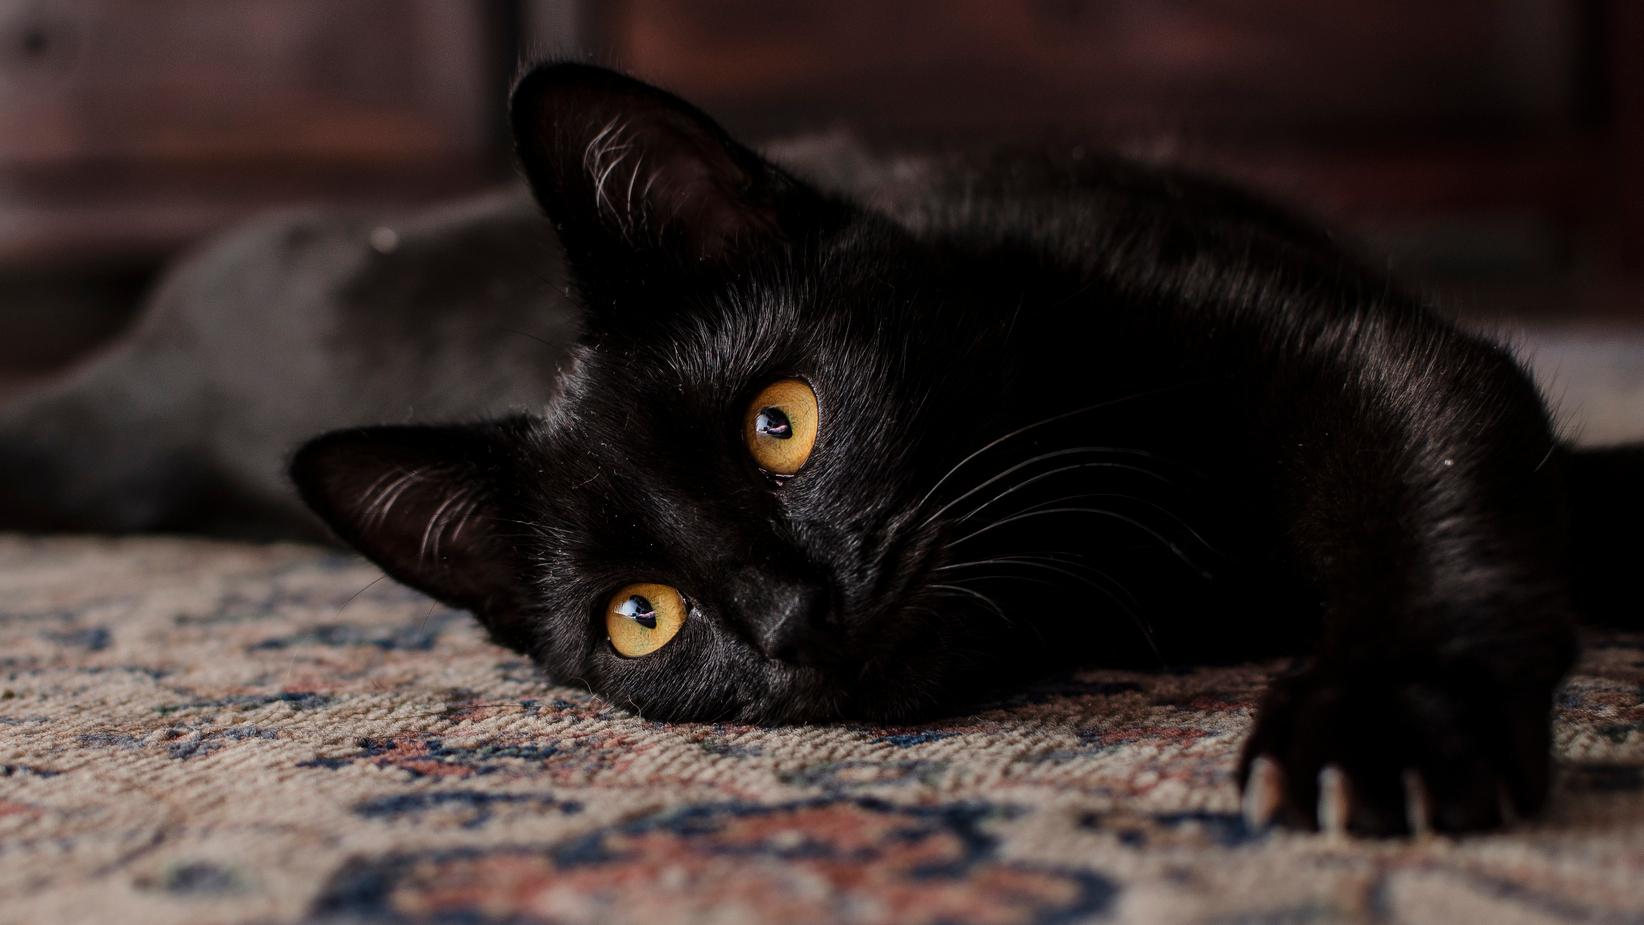 Friss hírek: Lépjünk már túl azon, hogy a fekete macska balszerencsét hoz!Forrás: Nők Lapja Café: Ma van a fekete macskák világnapja